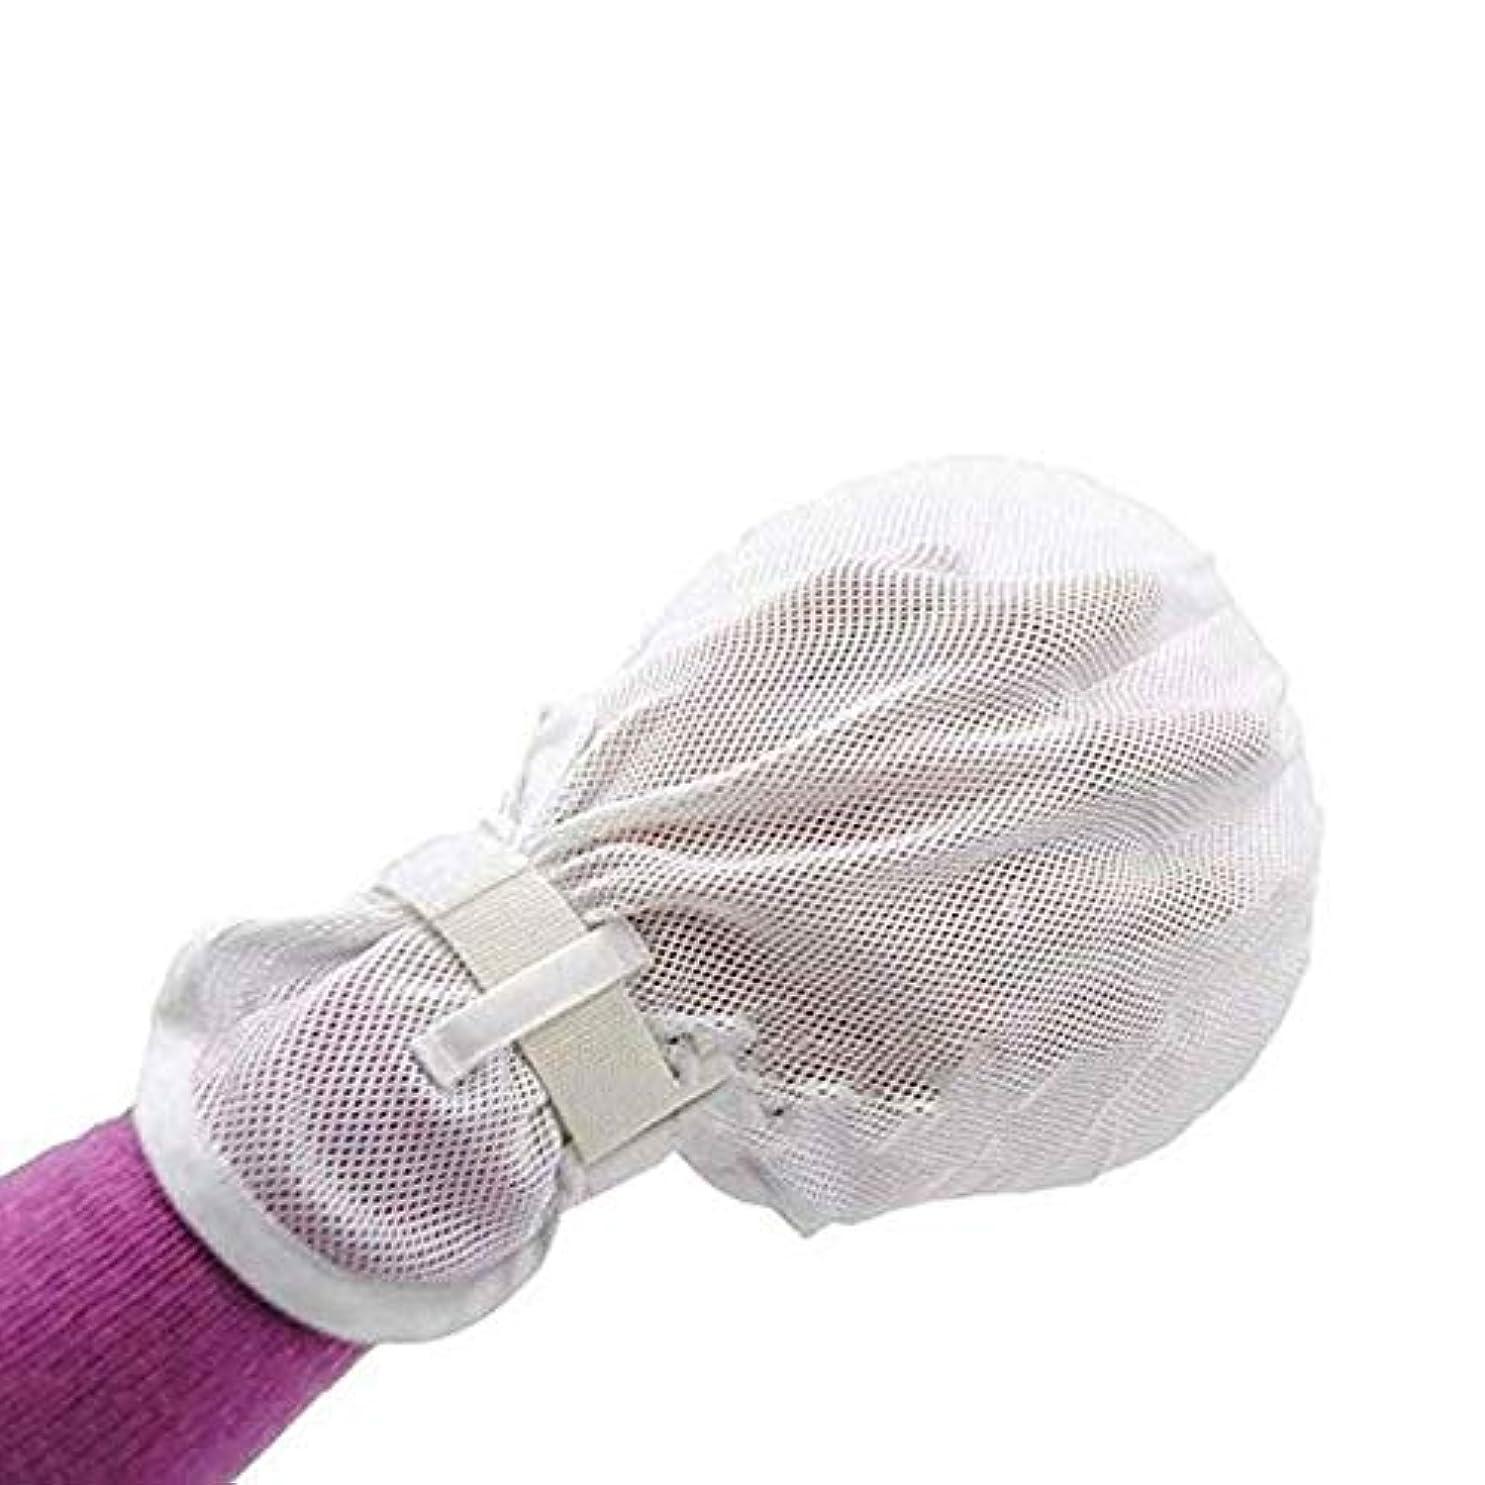 歯痛グラディス満足させる冷却ネット保護パッド、調節可能な手首、指の怪我を防ぐフィンガーコントロールグローブハンド 手袋、保護内側の傷防止パッド(1ペア)